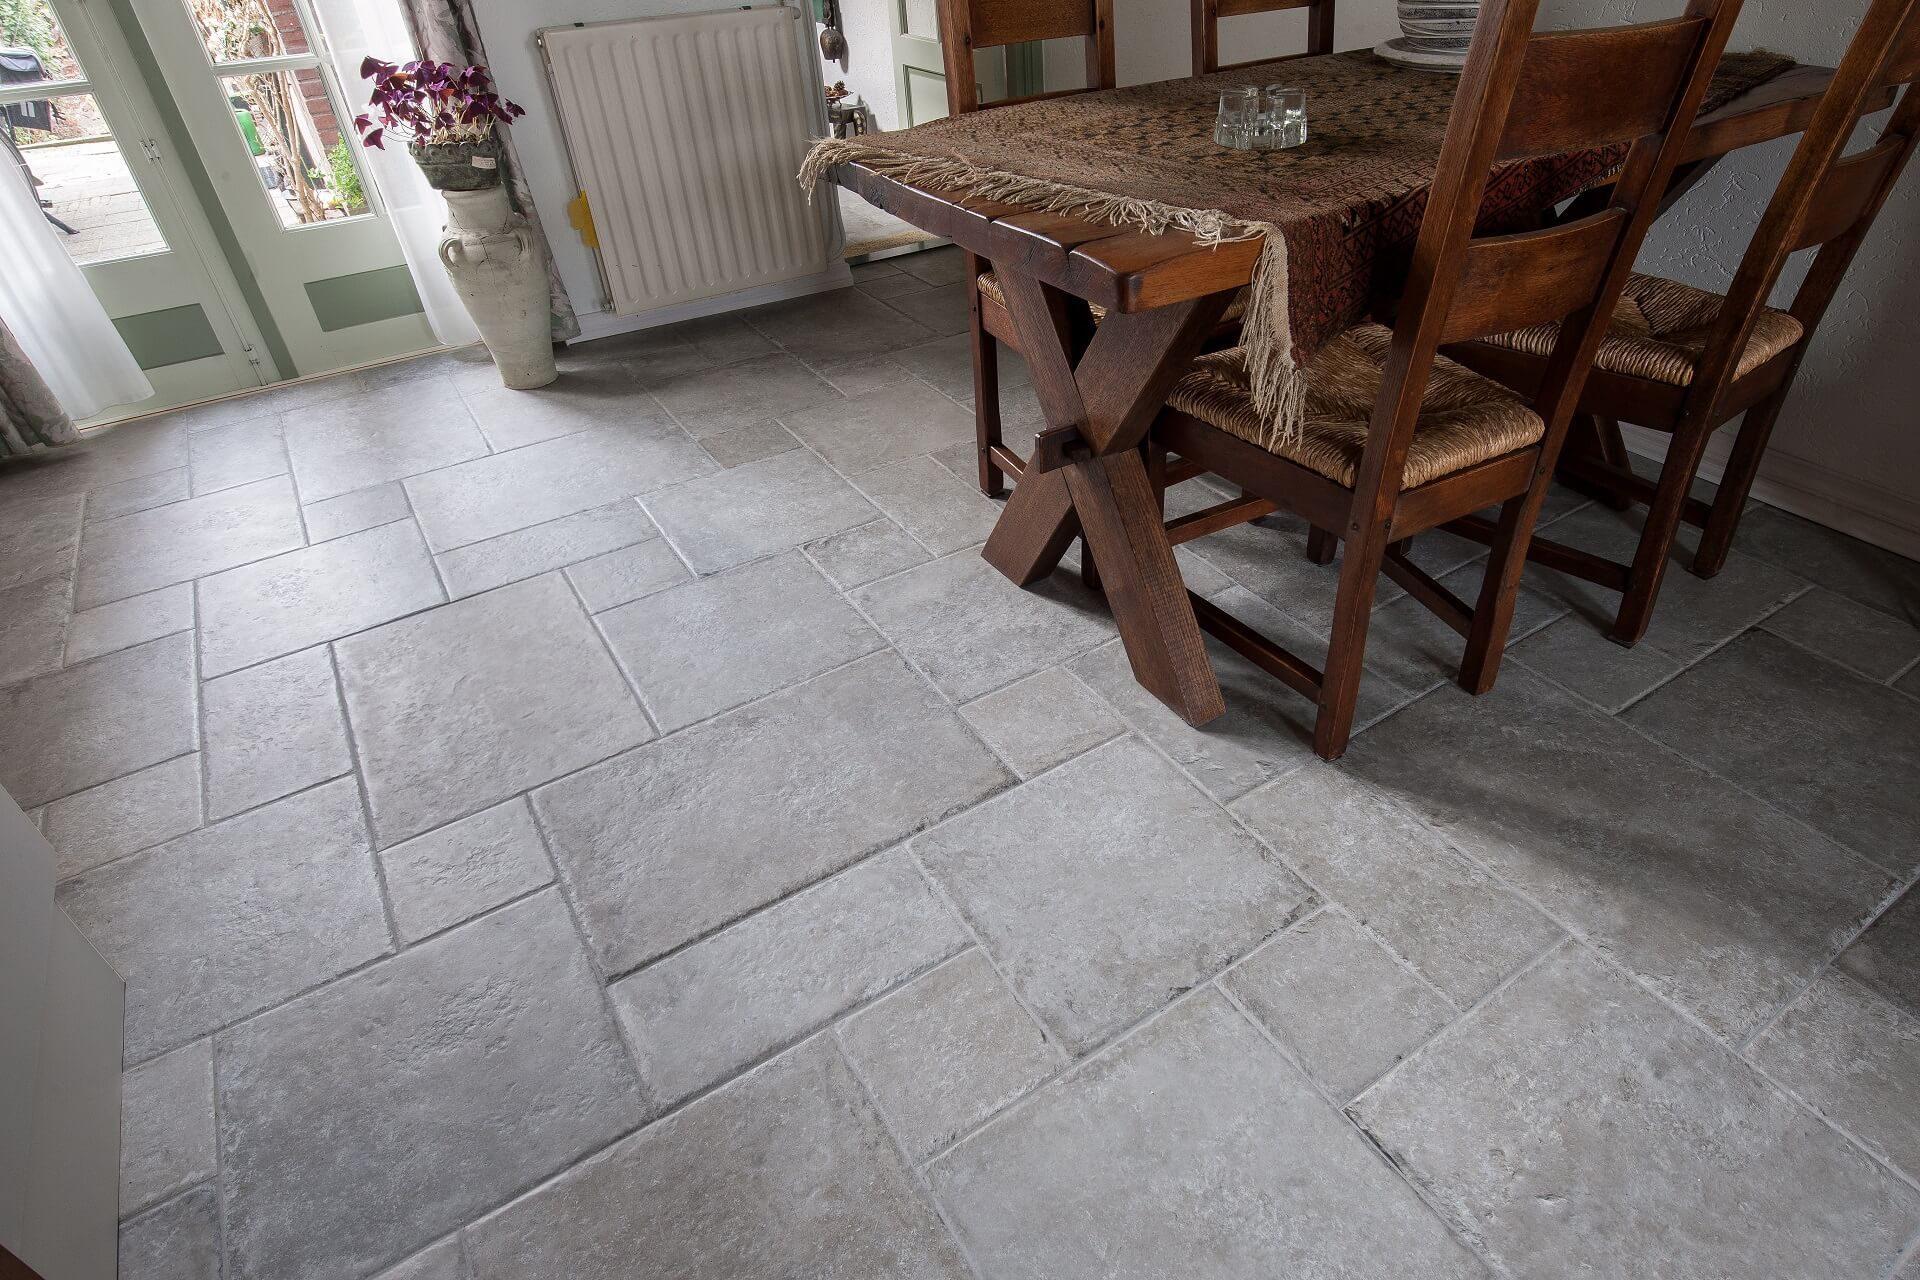 Vloertegels in romaans verband te Asperen  KROON Vloeren